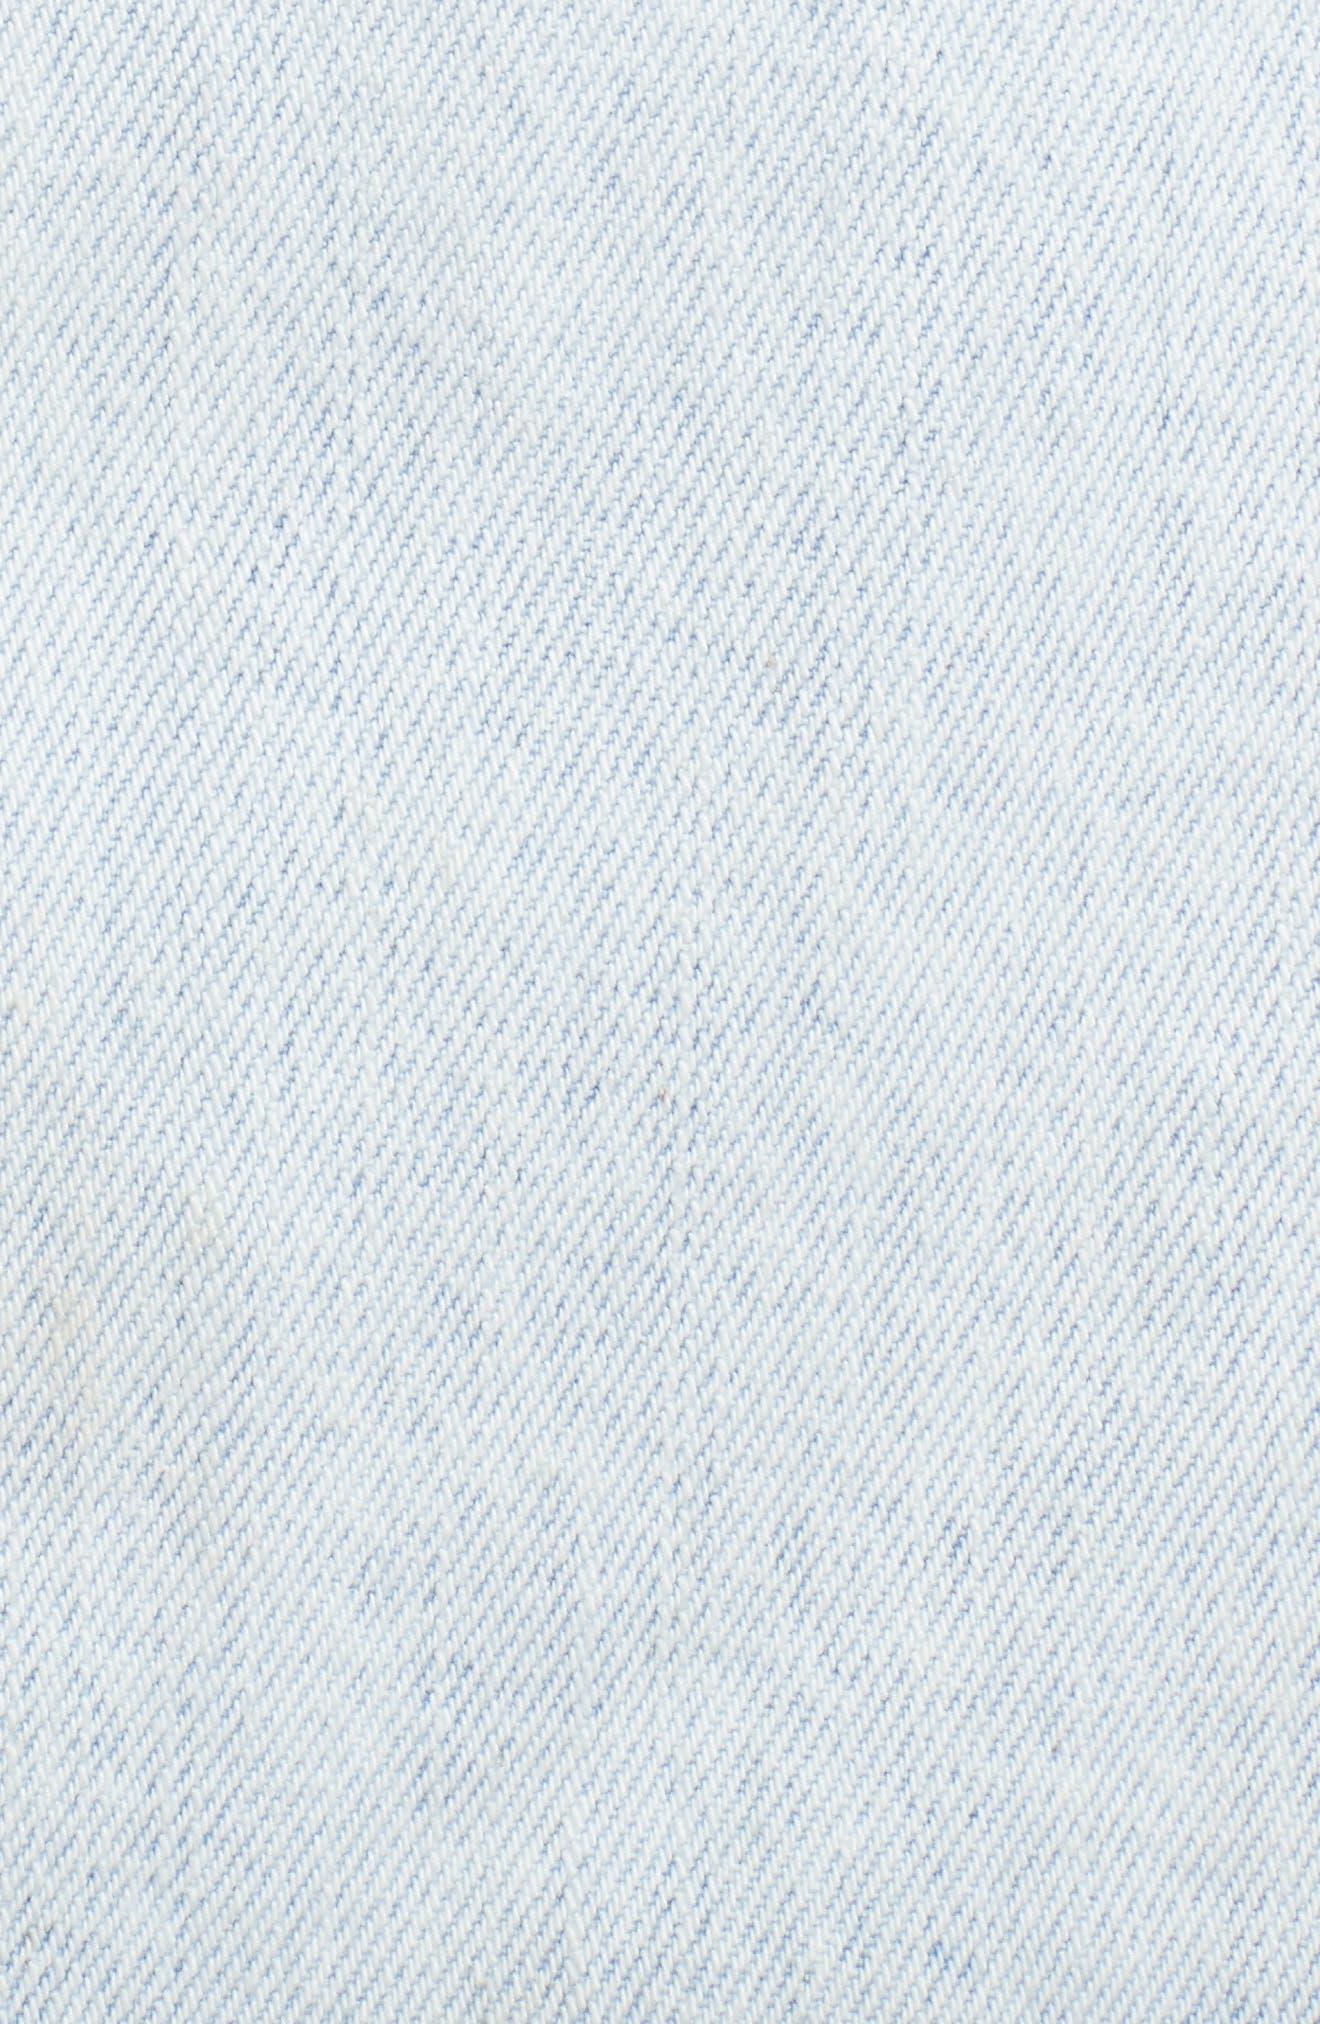 Dillon Denim Skirt,                             Alternate thumbnail 7, color,                             Worn Superlight Blue